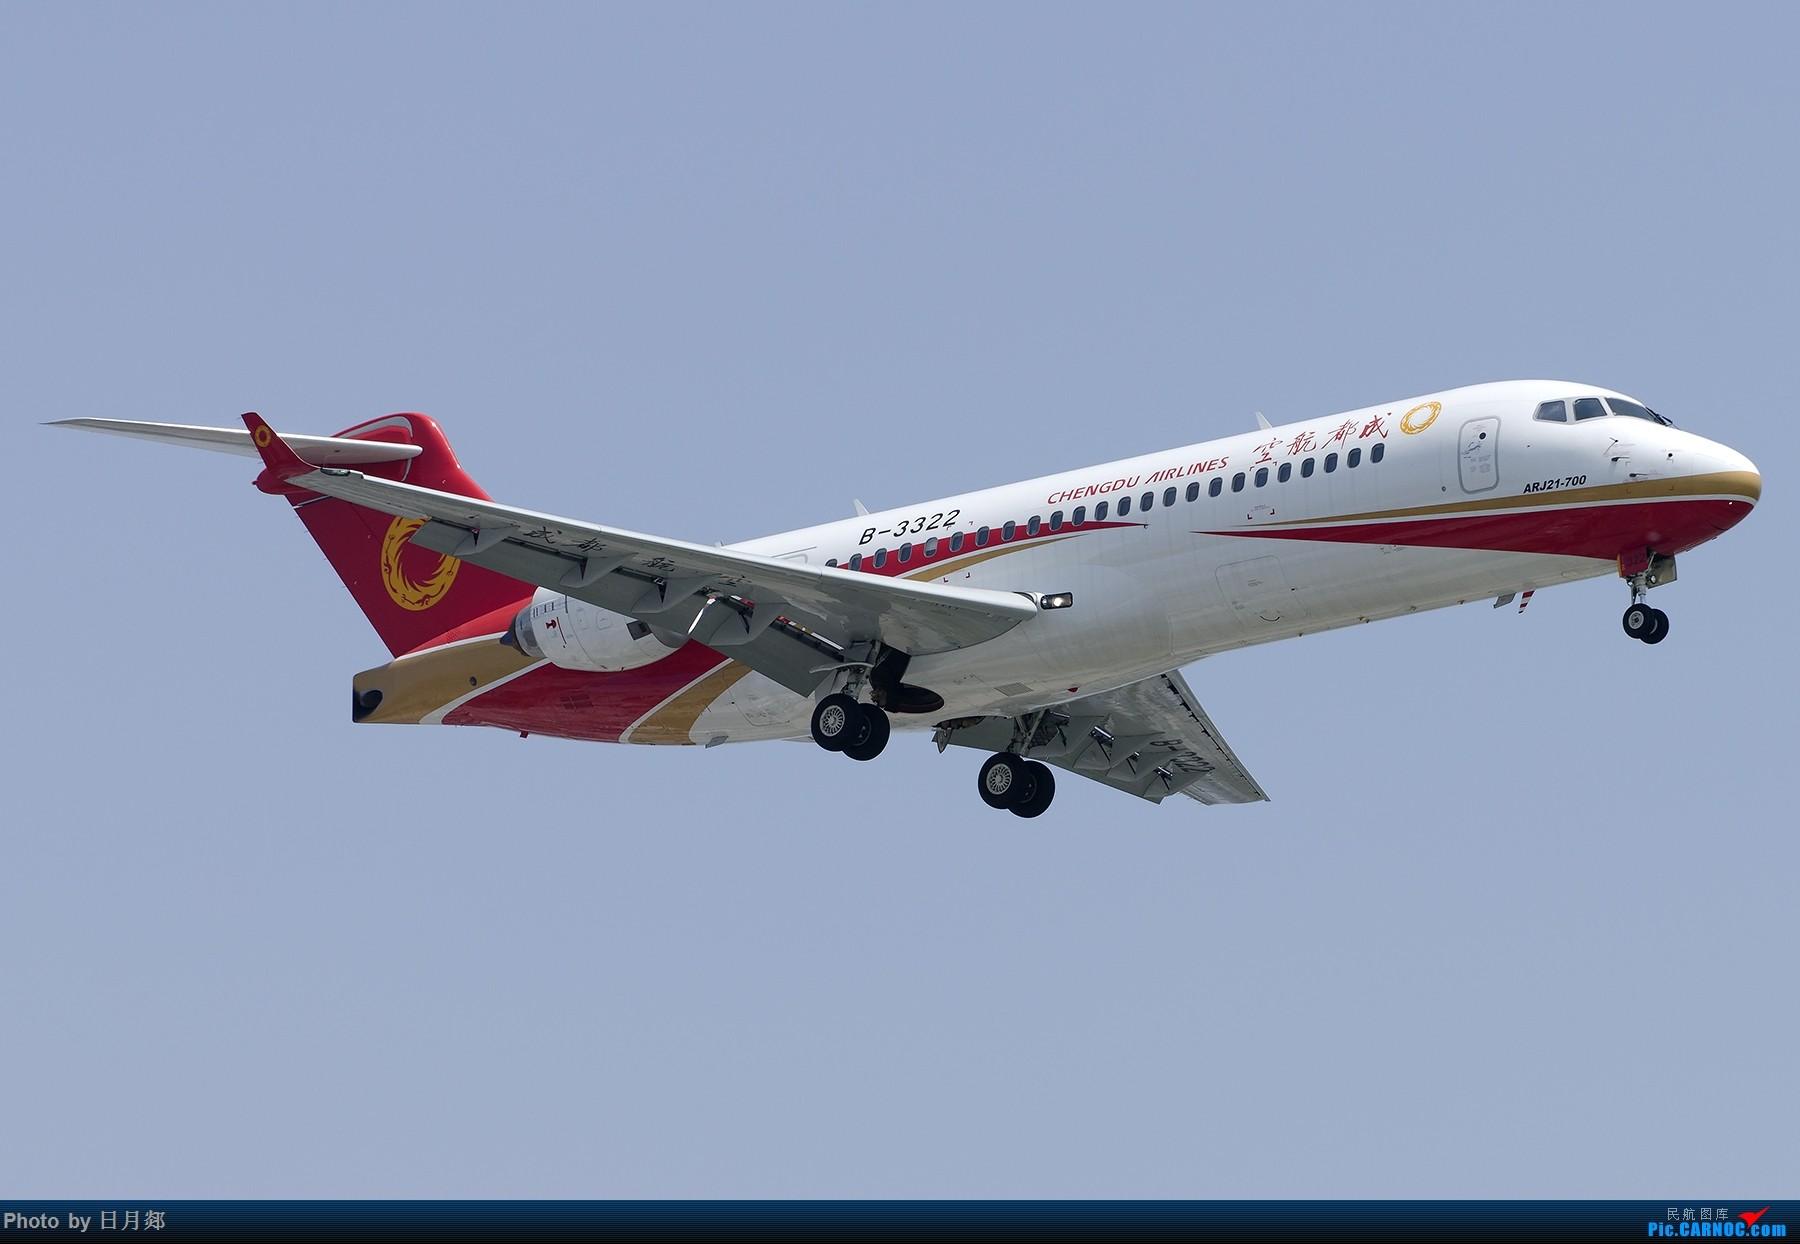 Re:[原创][原创]【SHA拍机*1800大图】4月拍的了,记得那天好货还挺多 COMAC ARJ21-700 B-3322 中国上海虹桥国际机场